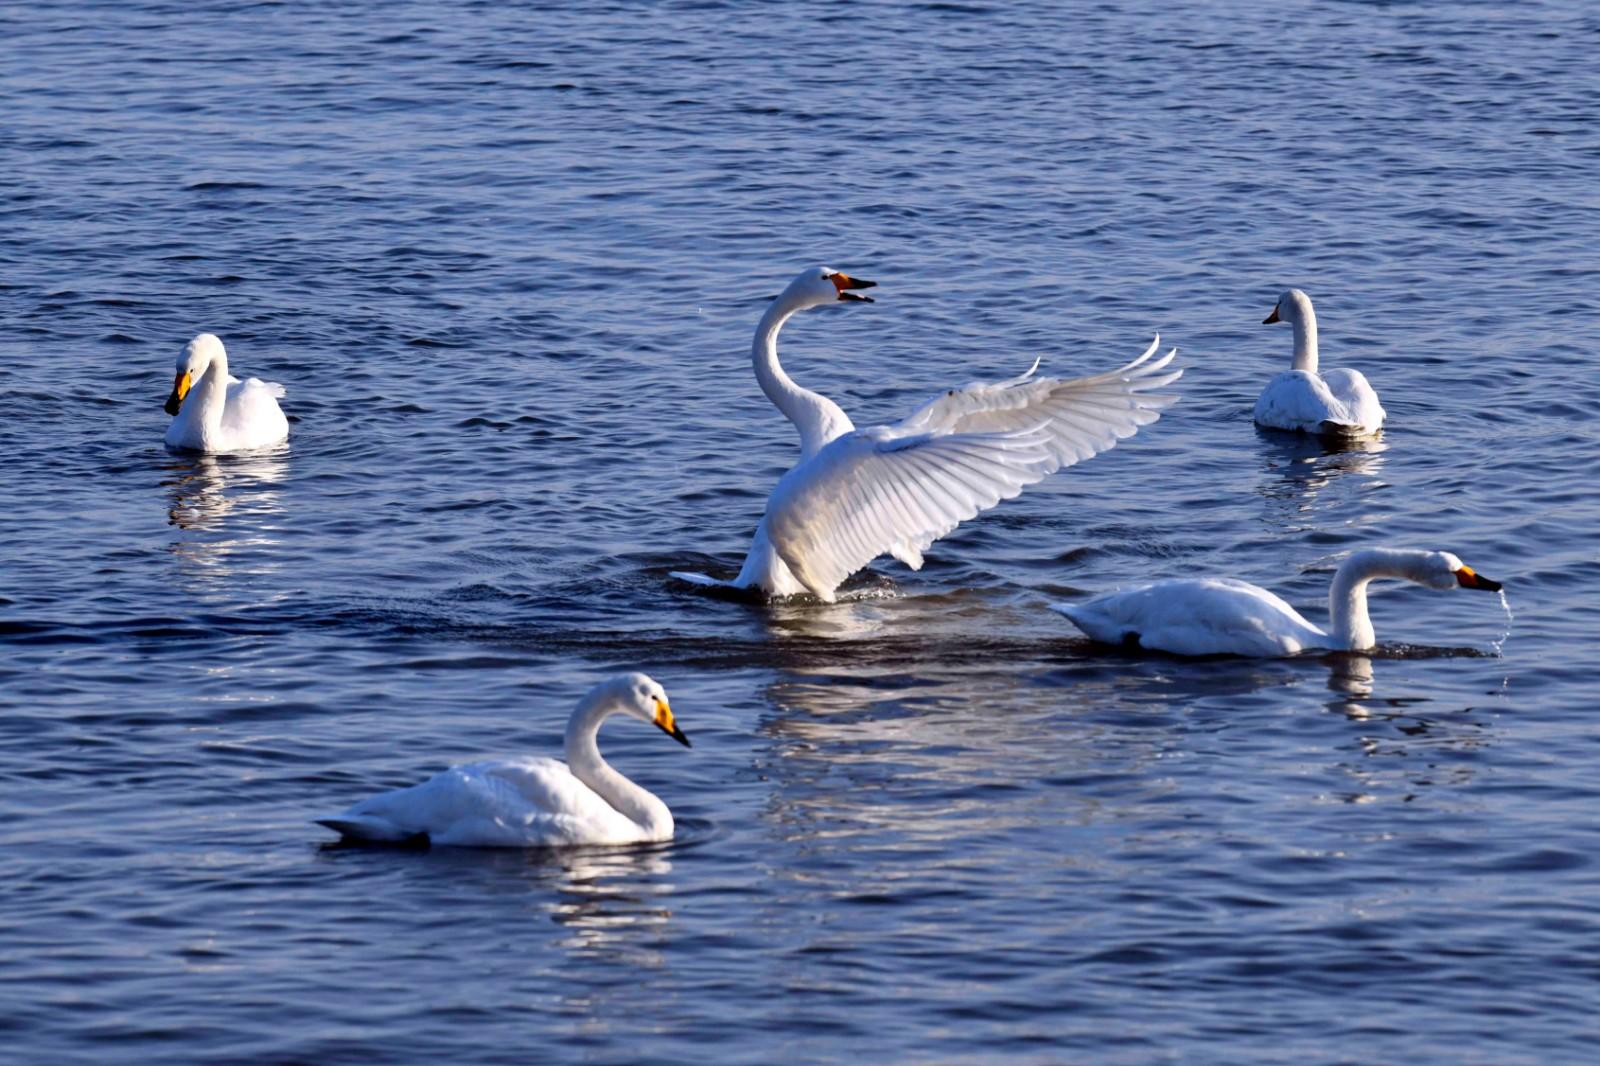 这是荣成大天鹅国家级自然保护区内的大天鹅(1月11日摄)。新华社记者 隋先凯 摄